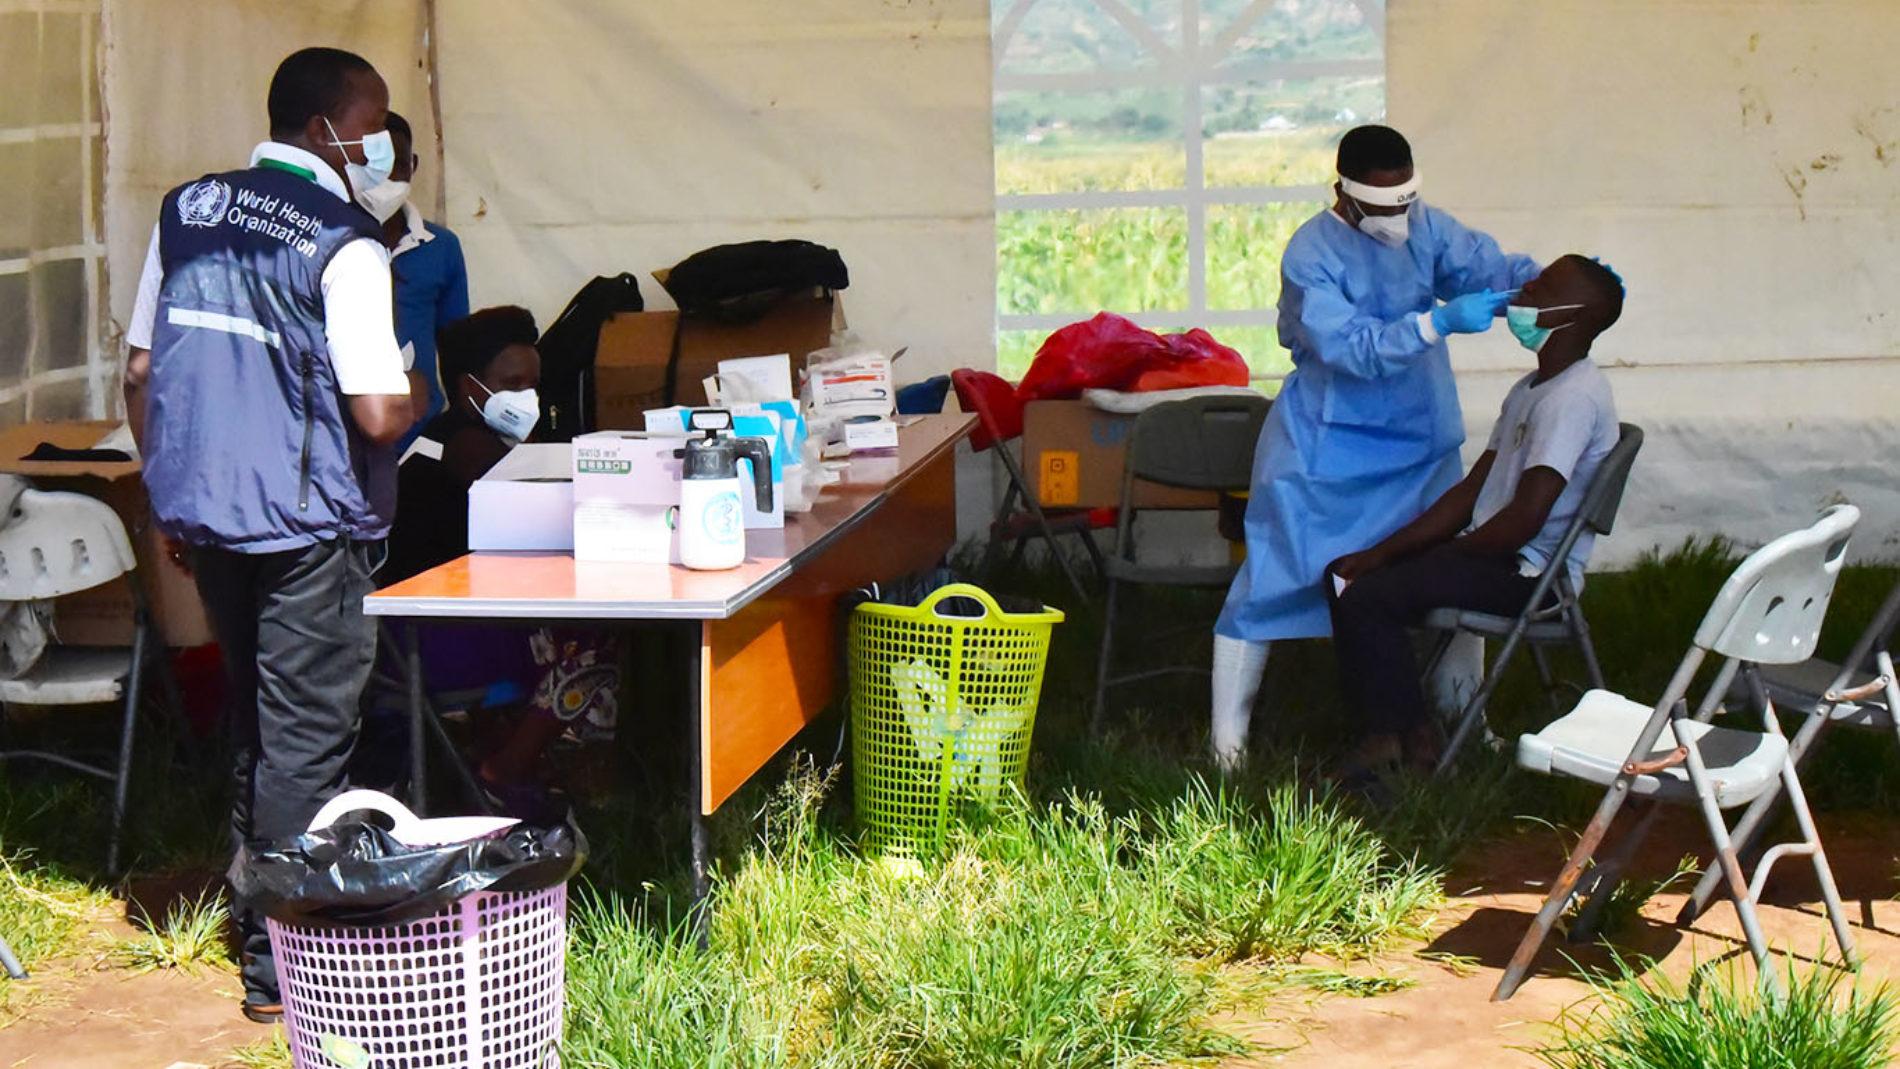 Bujumbura-Covid-19 : le centre national de traitement du Covid-19 débordé